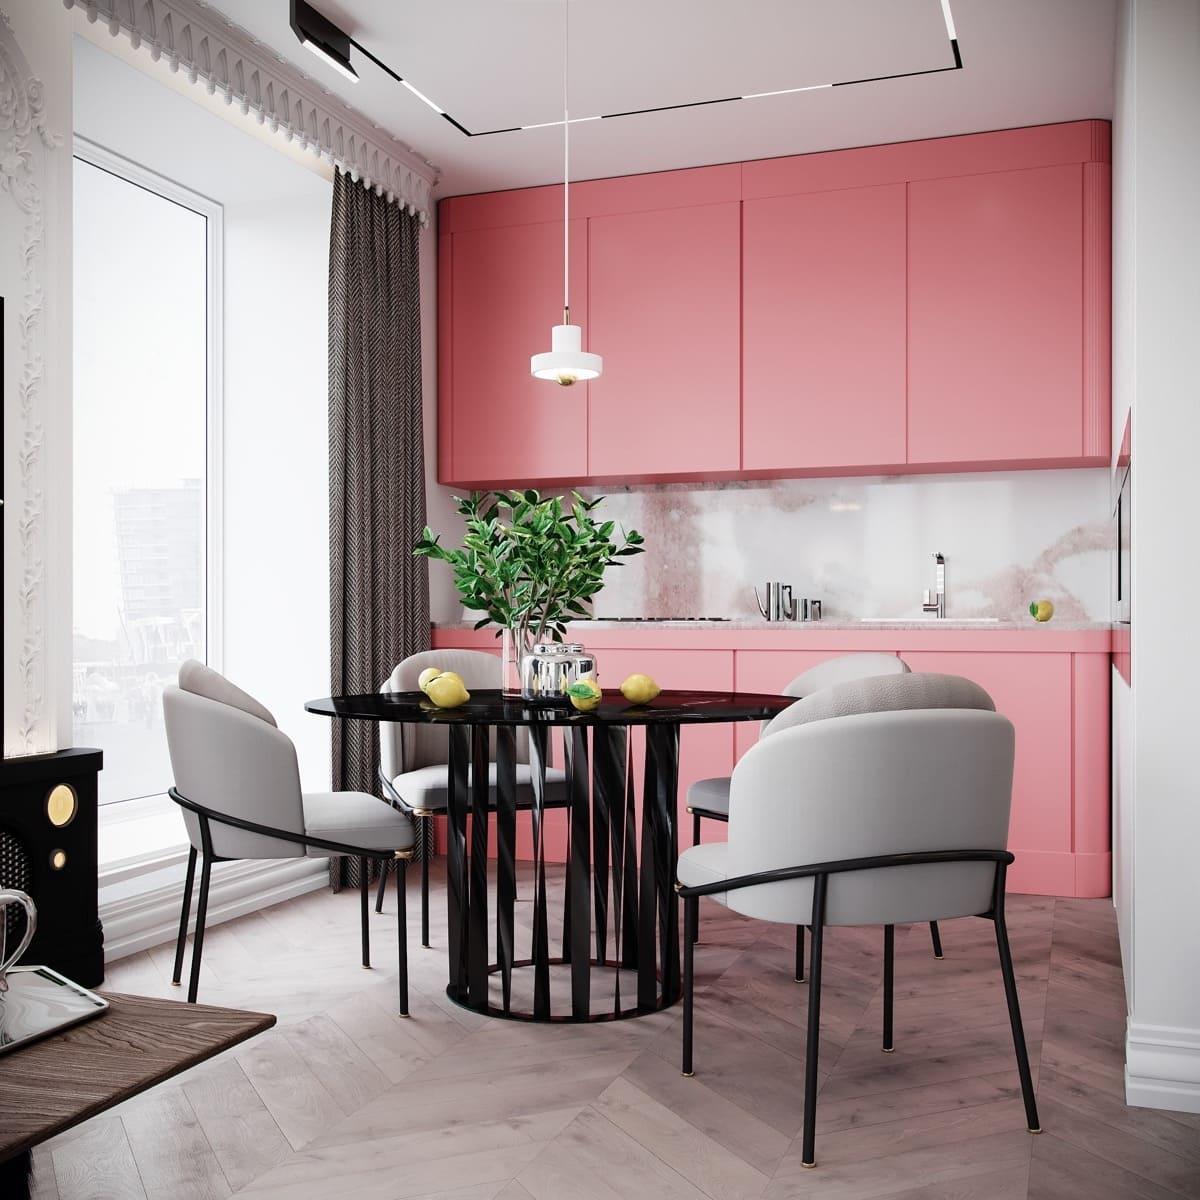 дизайн интерьера модной квартиры фото 37дизайн интерьера модной квартиры фото 39